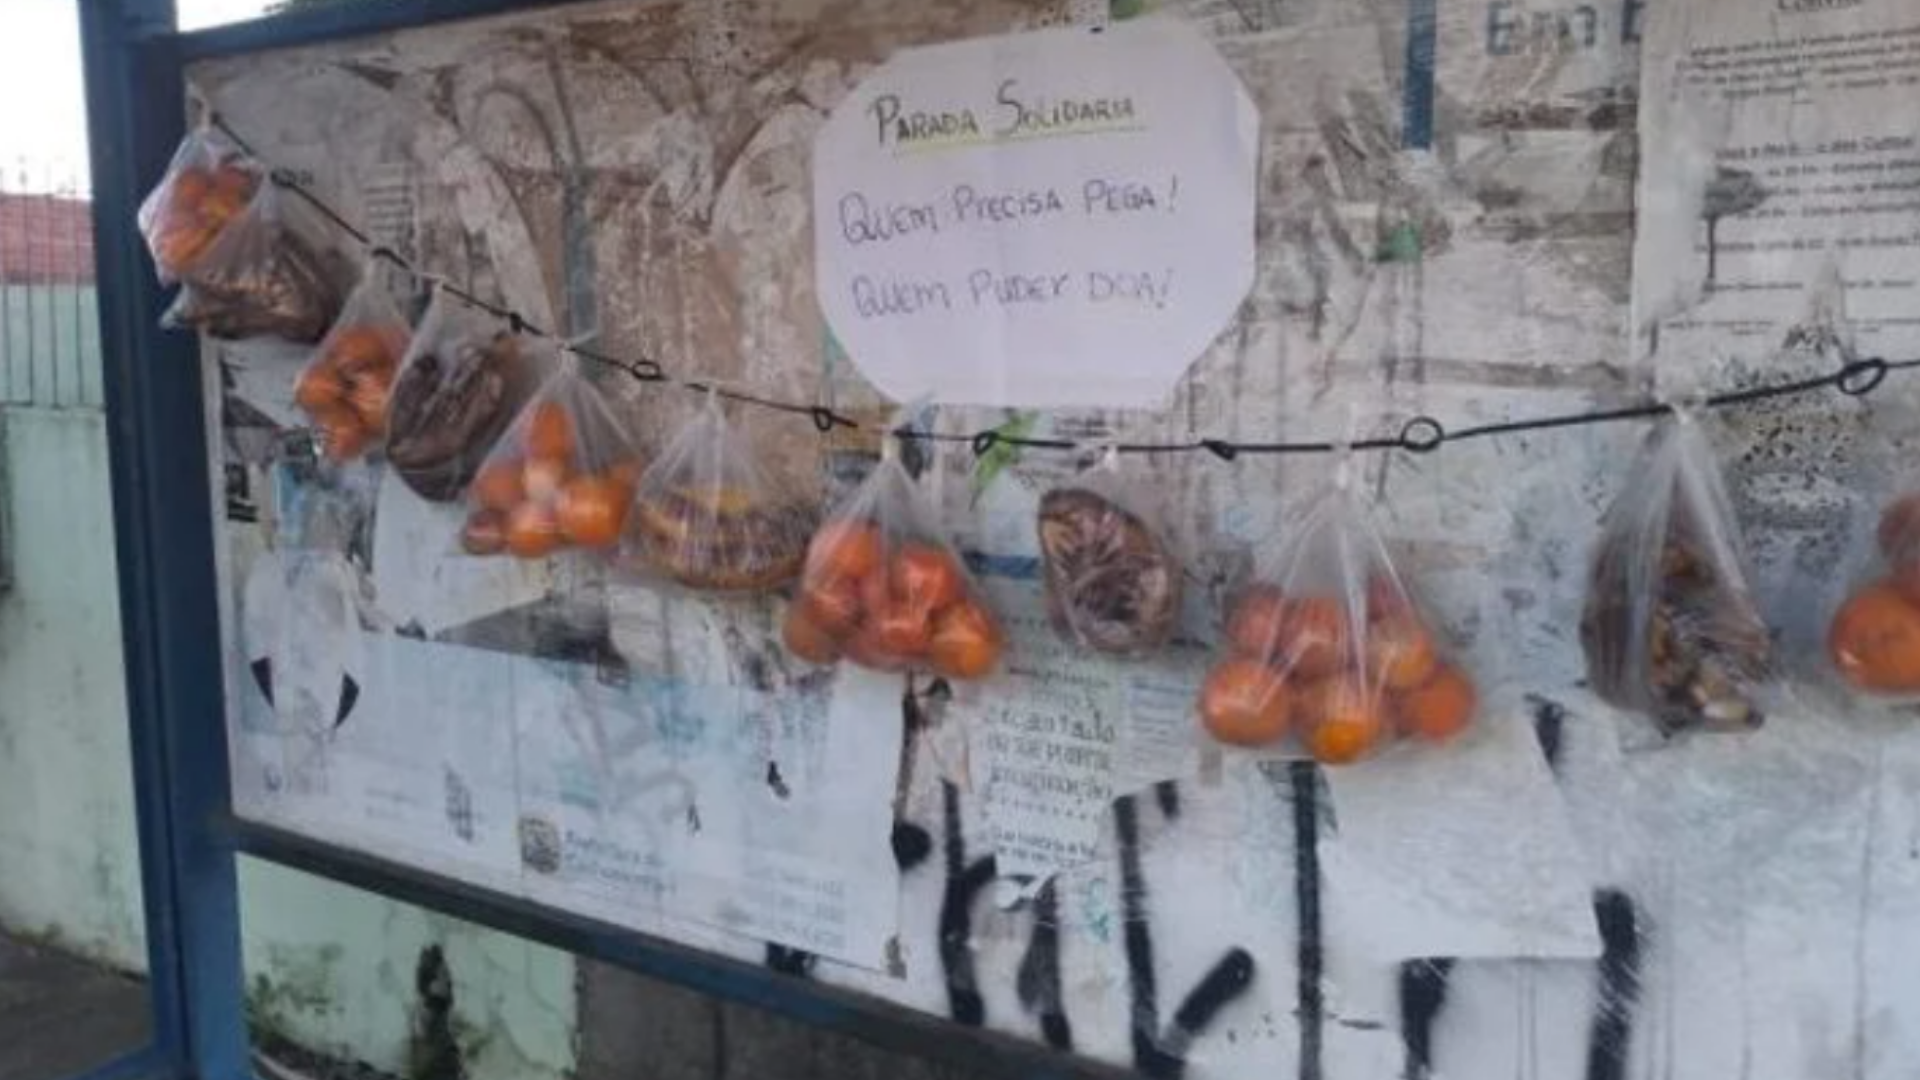 Vecinos dejan fruta en una parada de autobús para los que necesiten